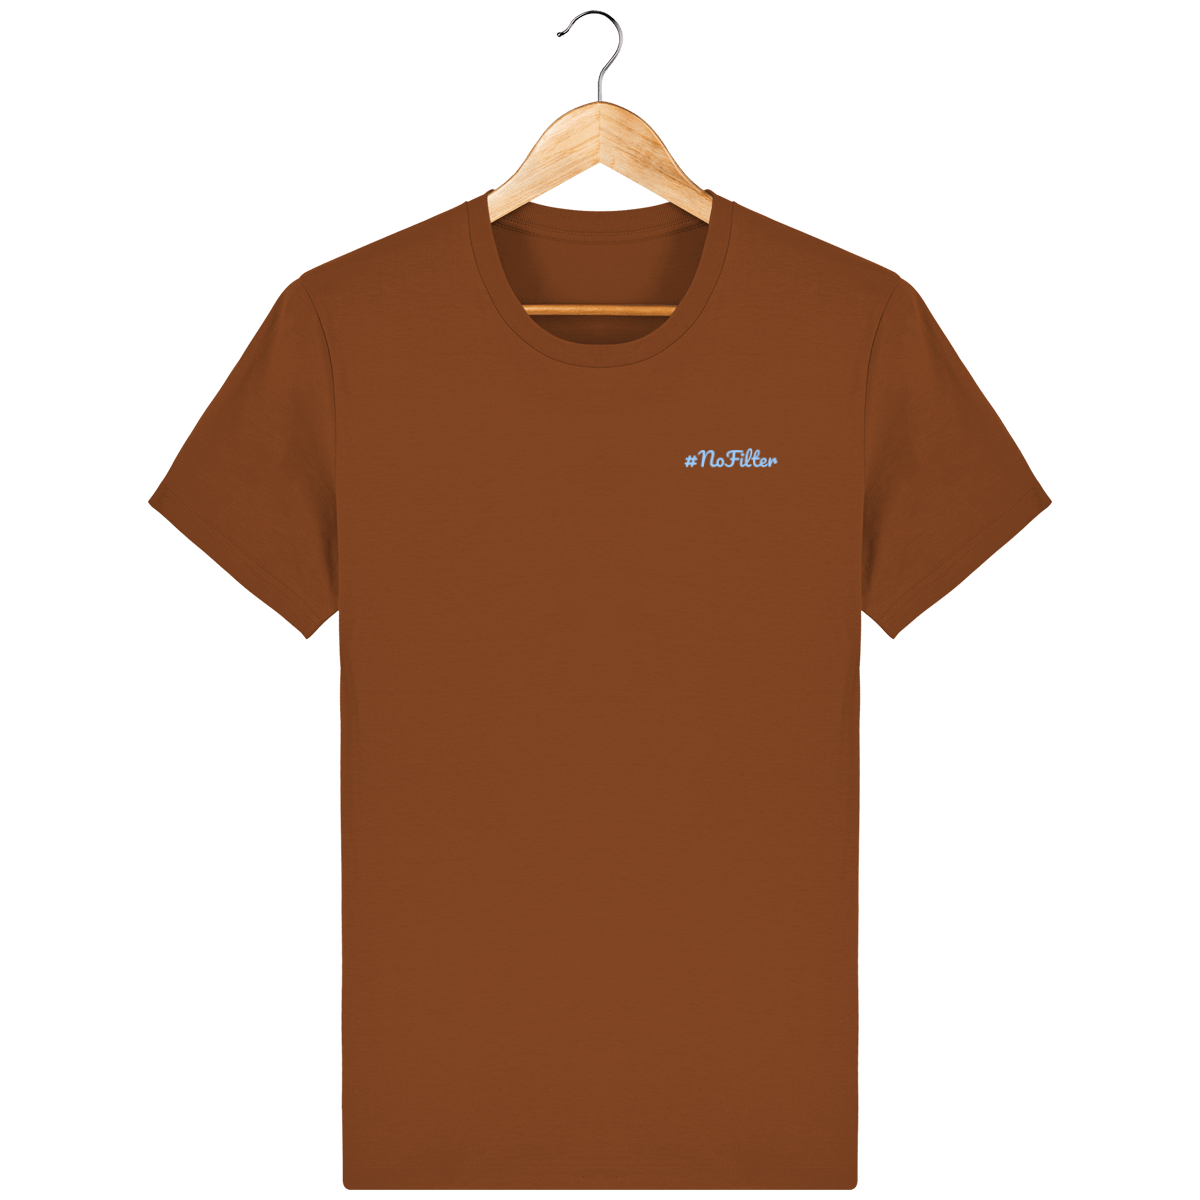 roasted-orange_face